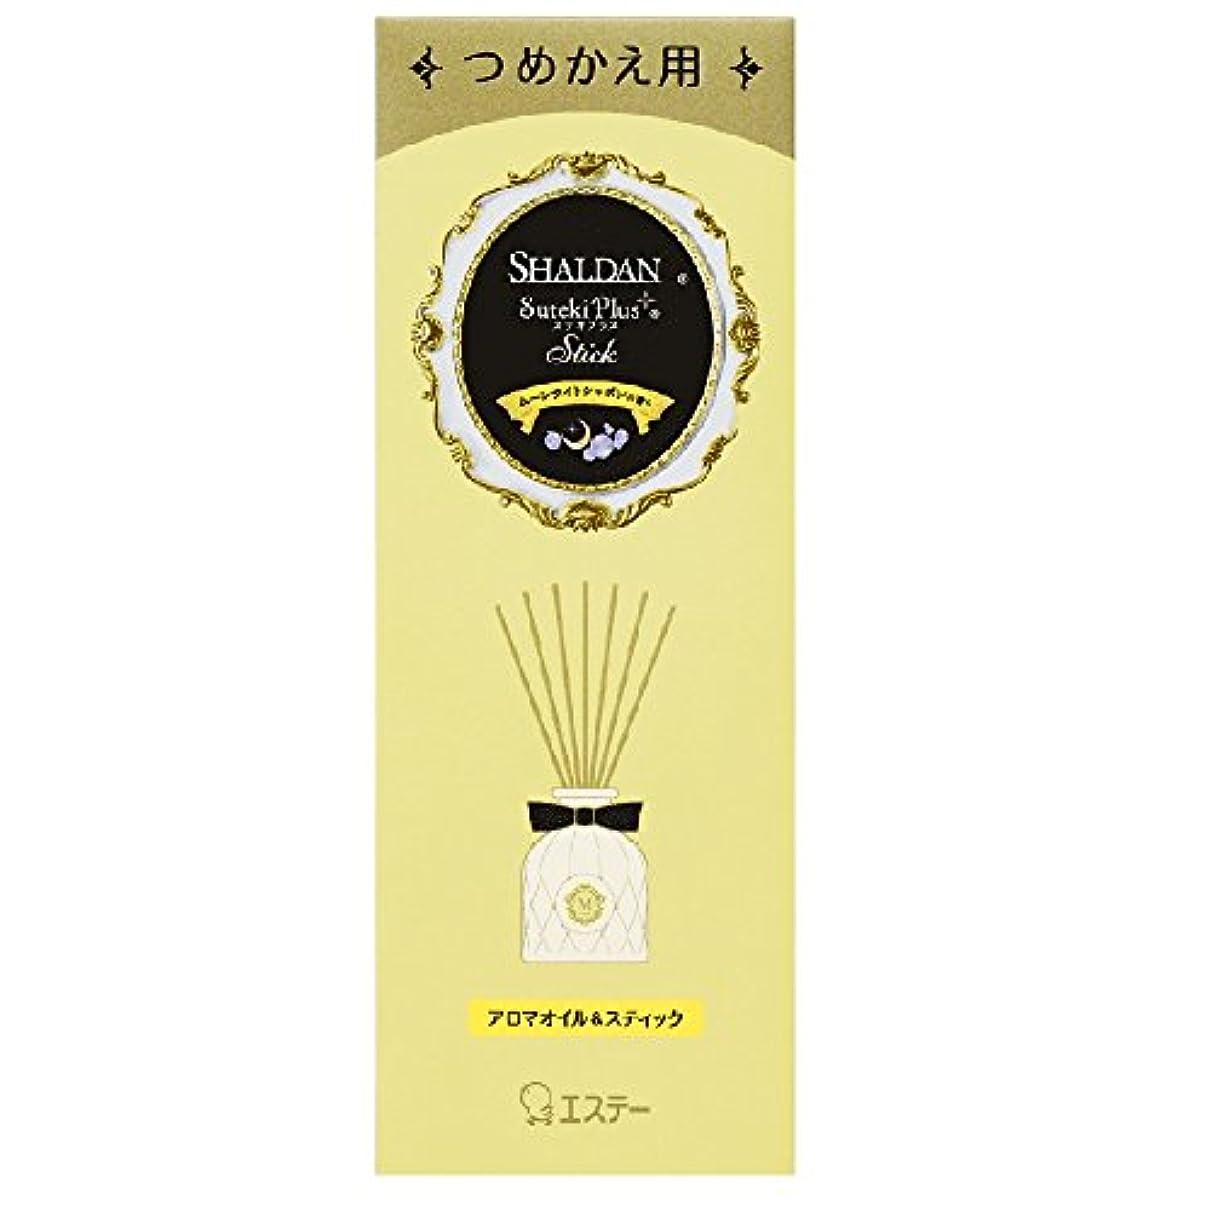 勇気によってイベントシャルダン SHALDAN ステキプラス スティック 消臭芳香剤 部屋用 部屋 つめかえ ムーンライトシャボンの香り 45ml